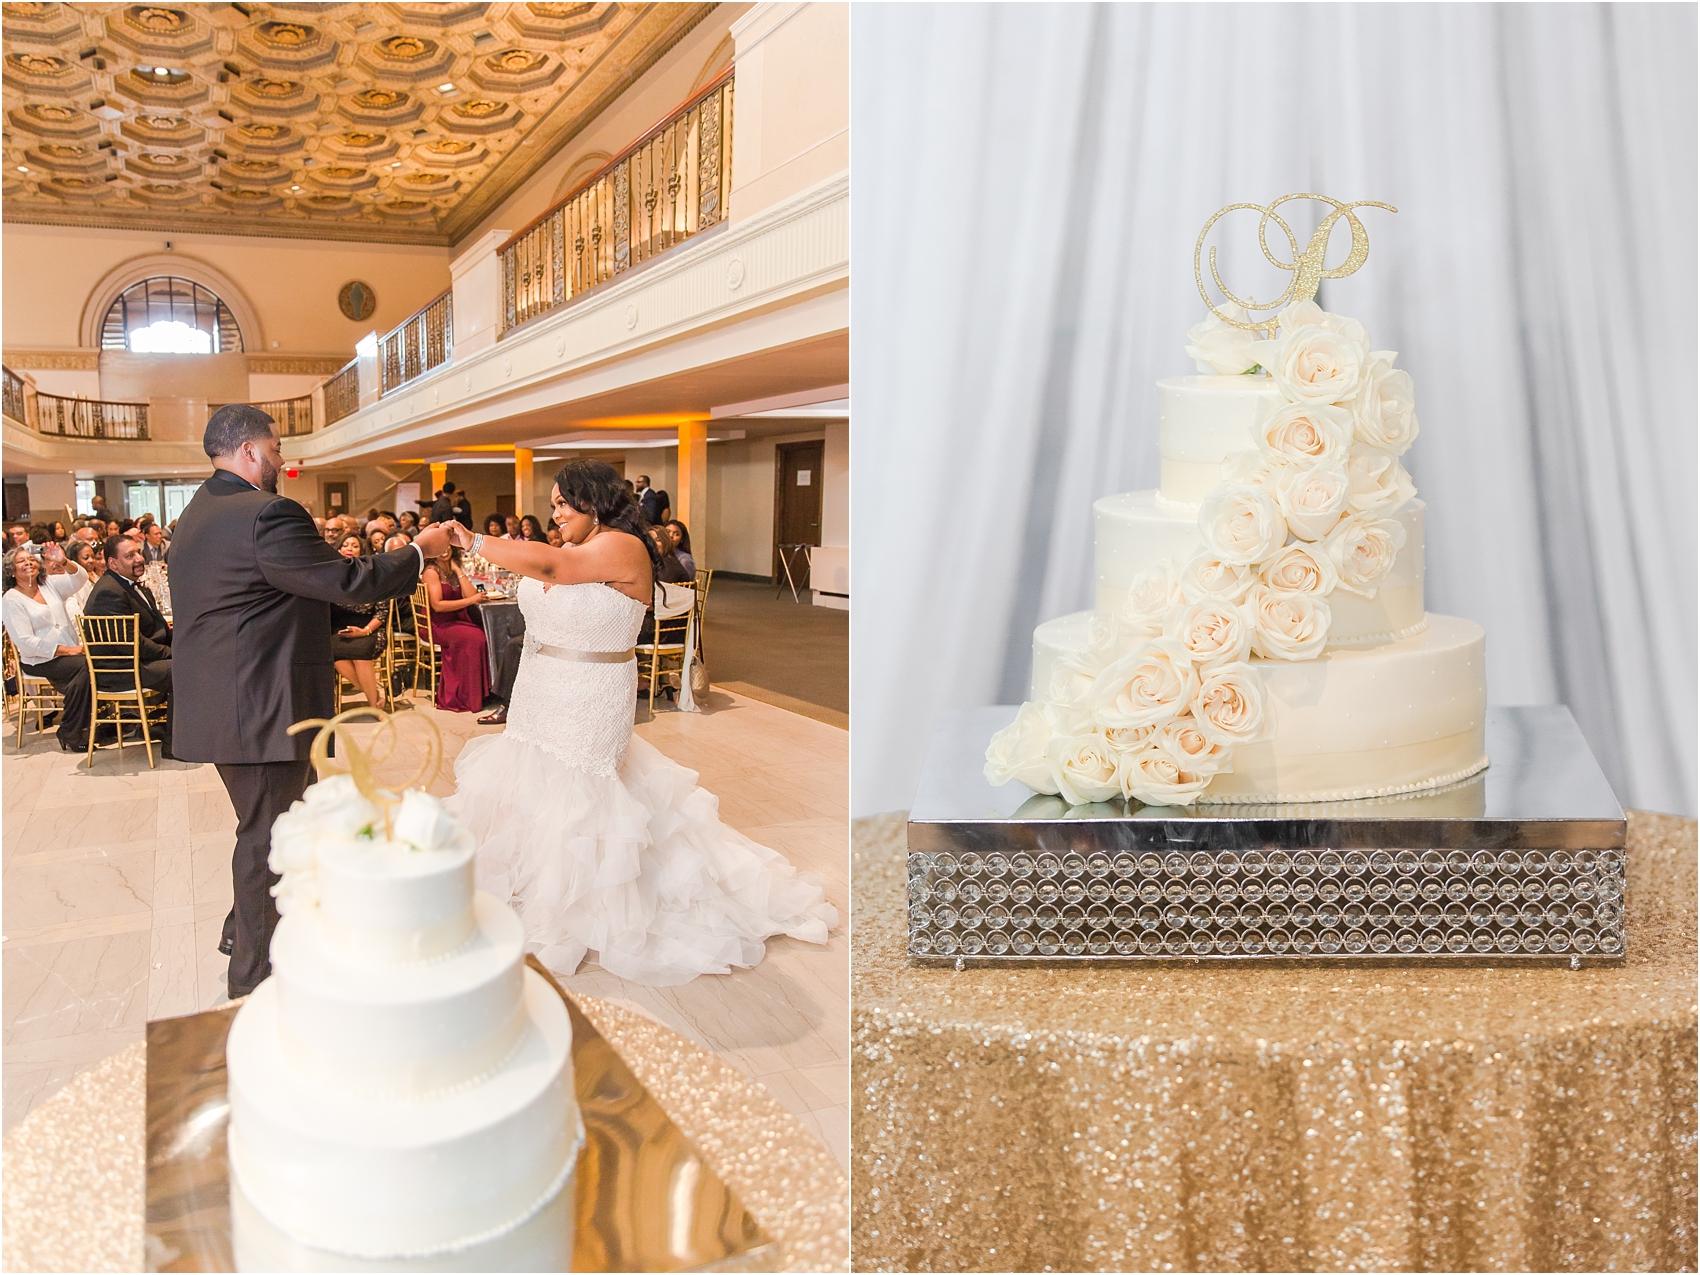 minimalist-and-modern-wedding-photos-at-30-north-saginaw-in-pontiac-michigan-by-courtney-carolyn-photography_0080.jpg